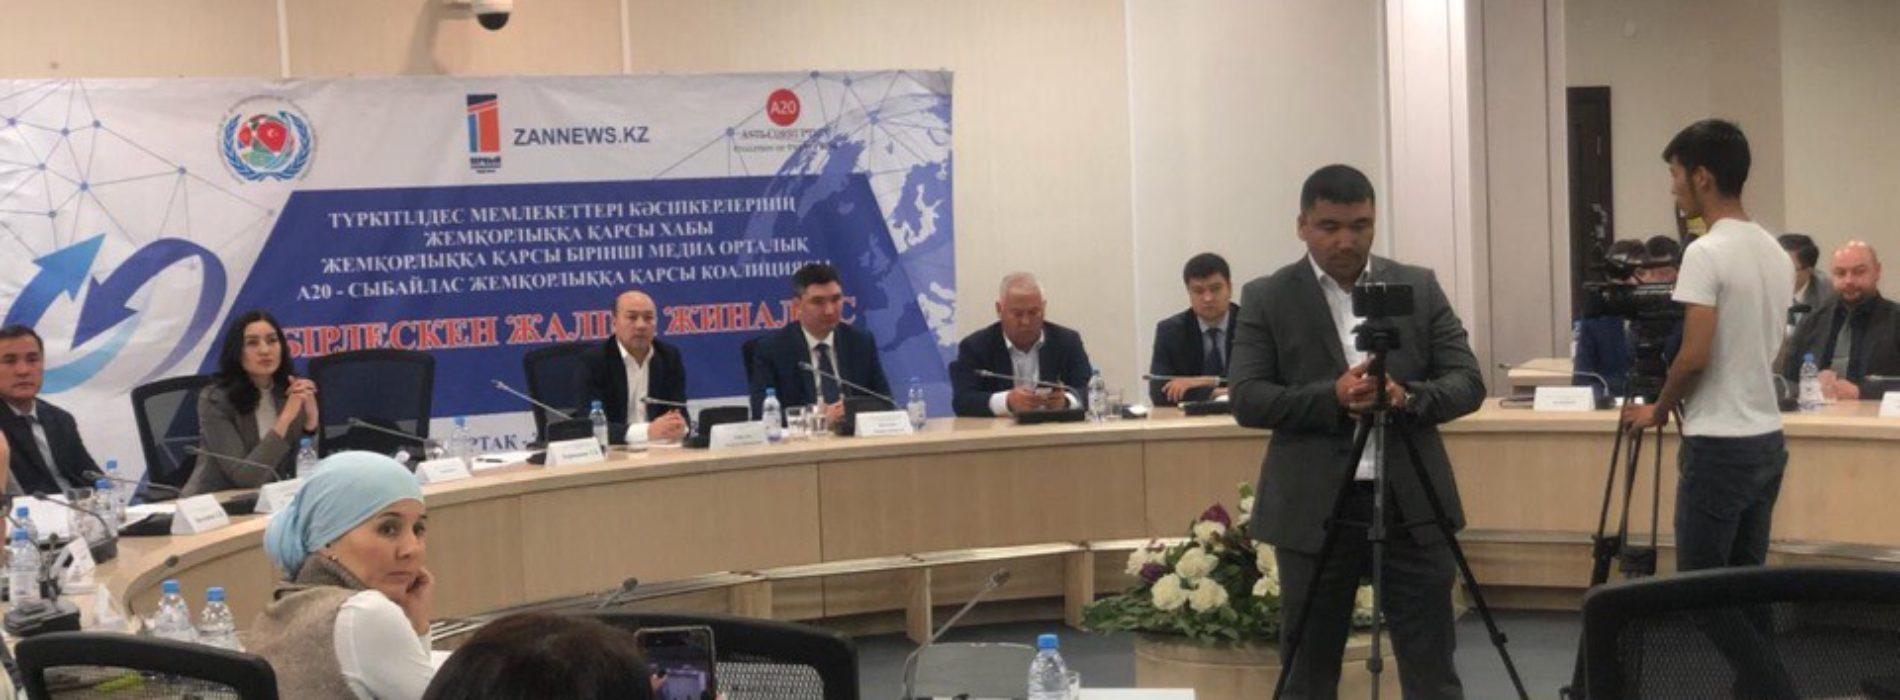 Антикоррупционный фронт объединил не только казахстанцев, но и иностранцев